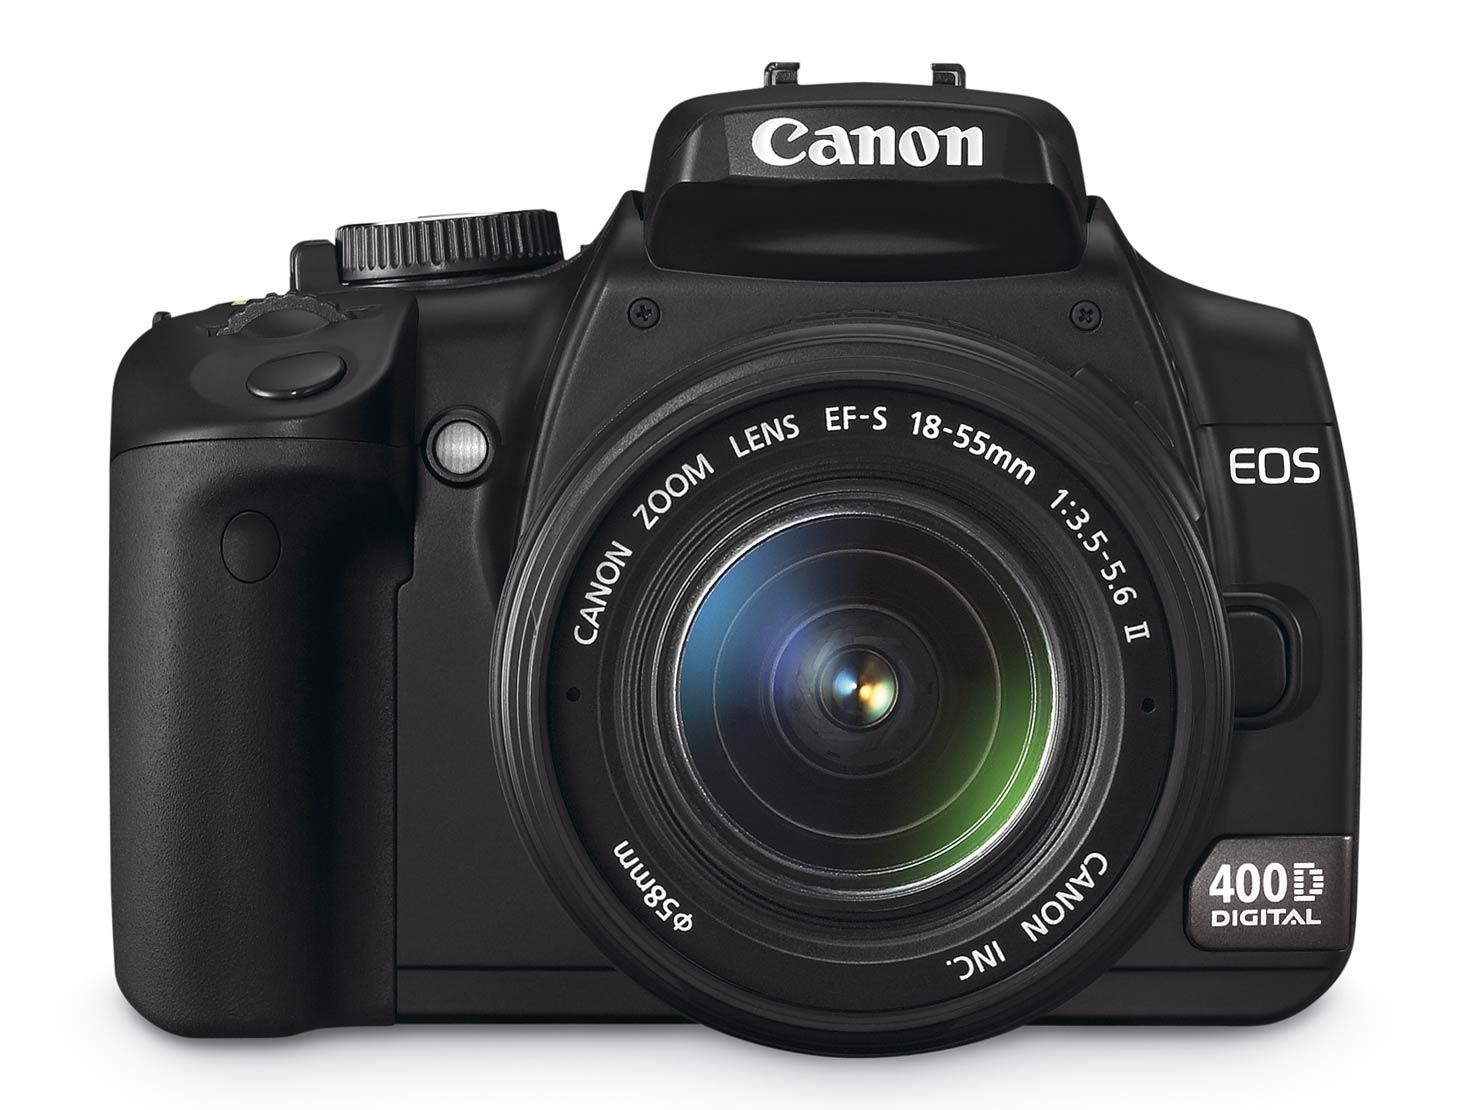 canon eos 400d digital rebel xti digital photography review rh dpreview com canon eos digital rebel xti 400d instruction manual canon eos digital rebel xti 400d instruction manual